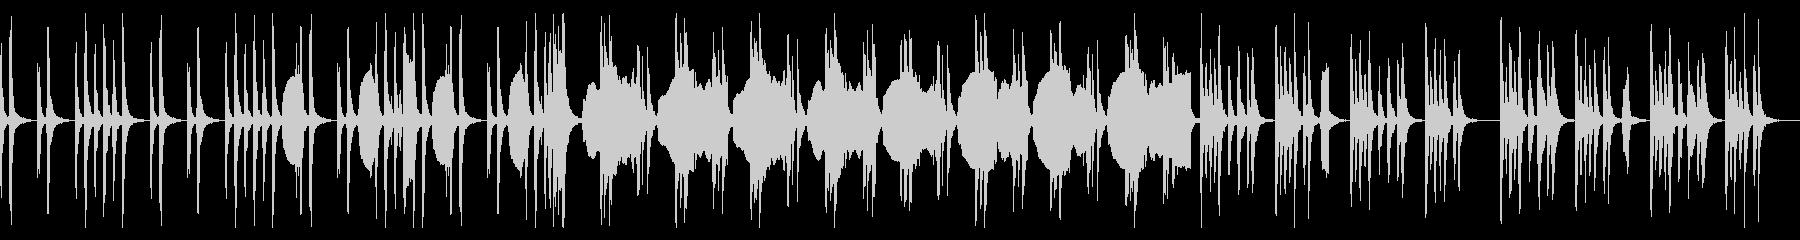 ゆったりとしてシンプルでコミカルな曲の未再生の波形